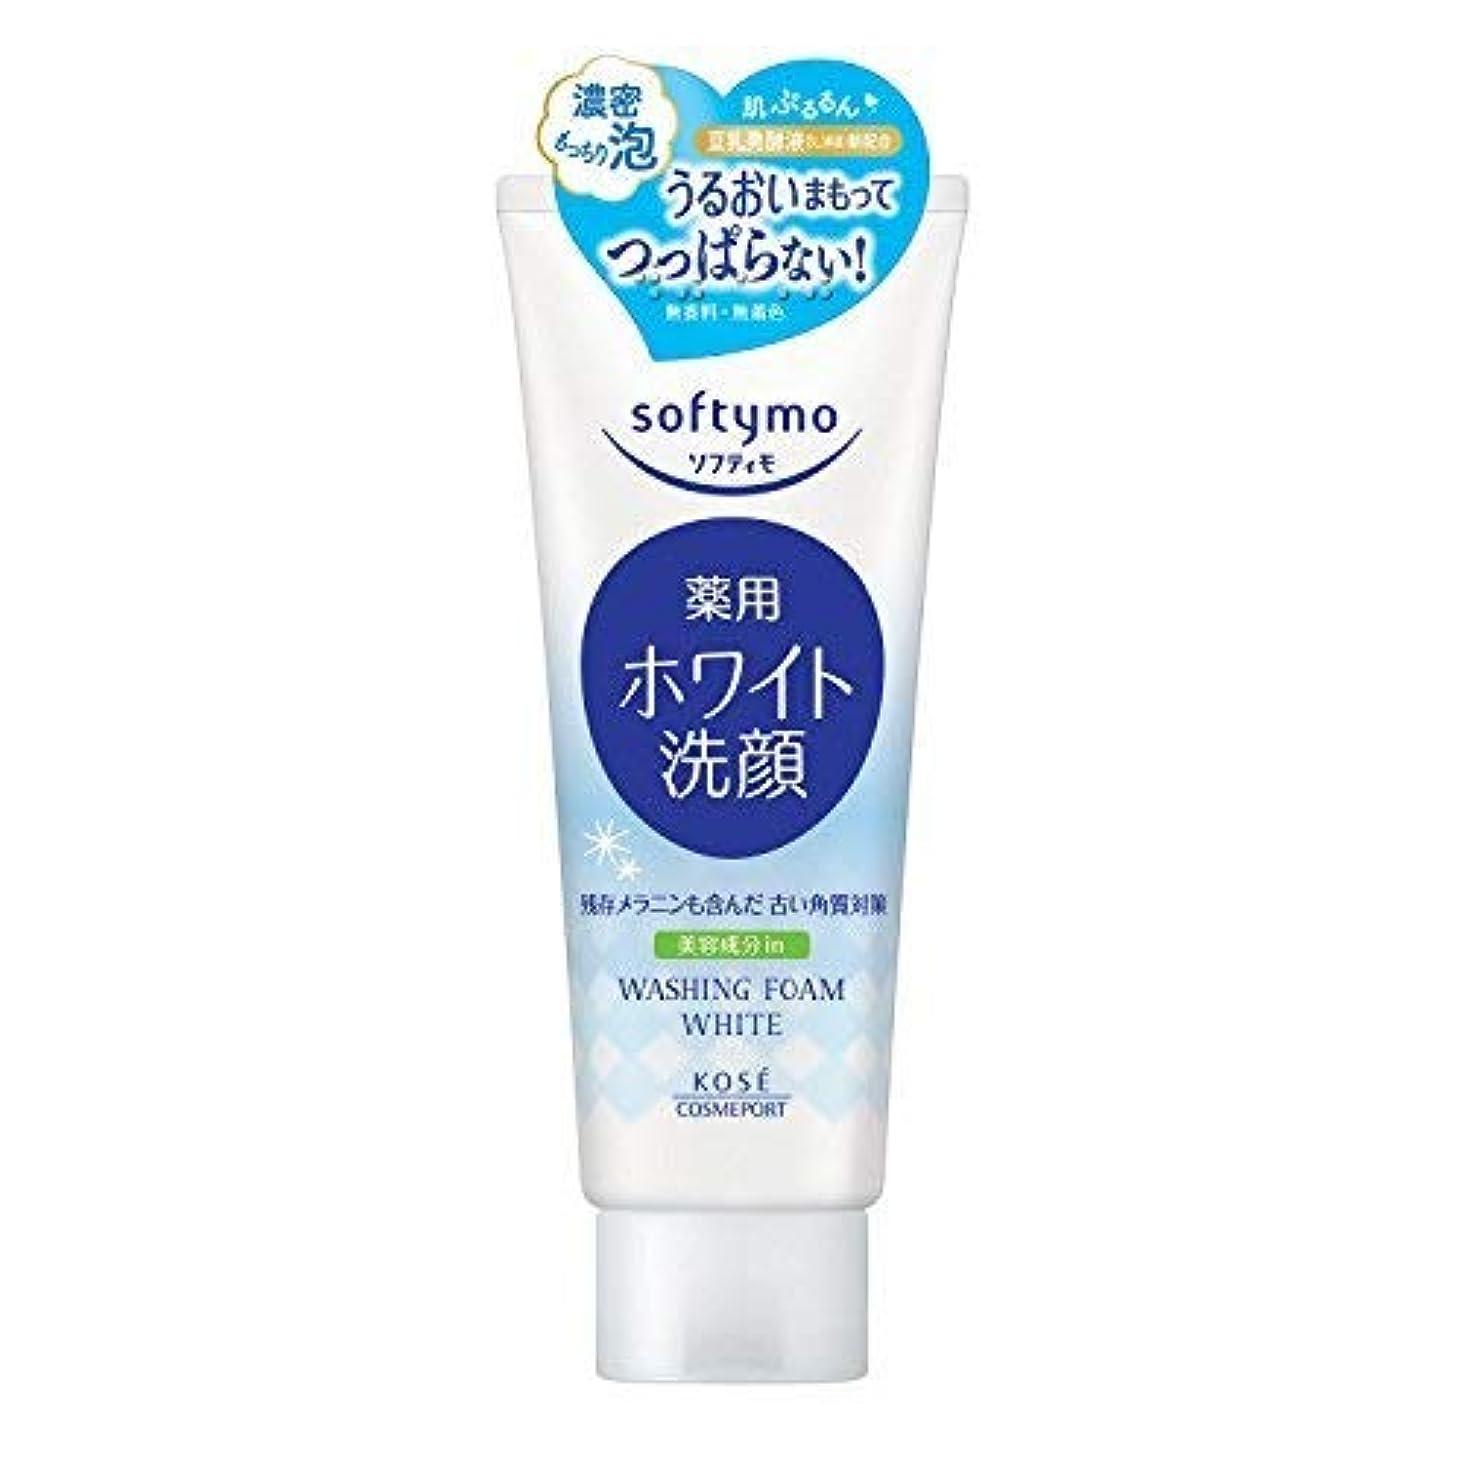 アイザック技術ゴールデンソフティモ薬用洗顔フォーム(ホワイト) × 6個セット